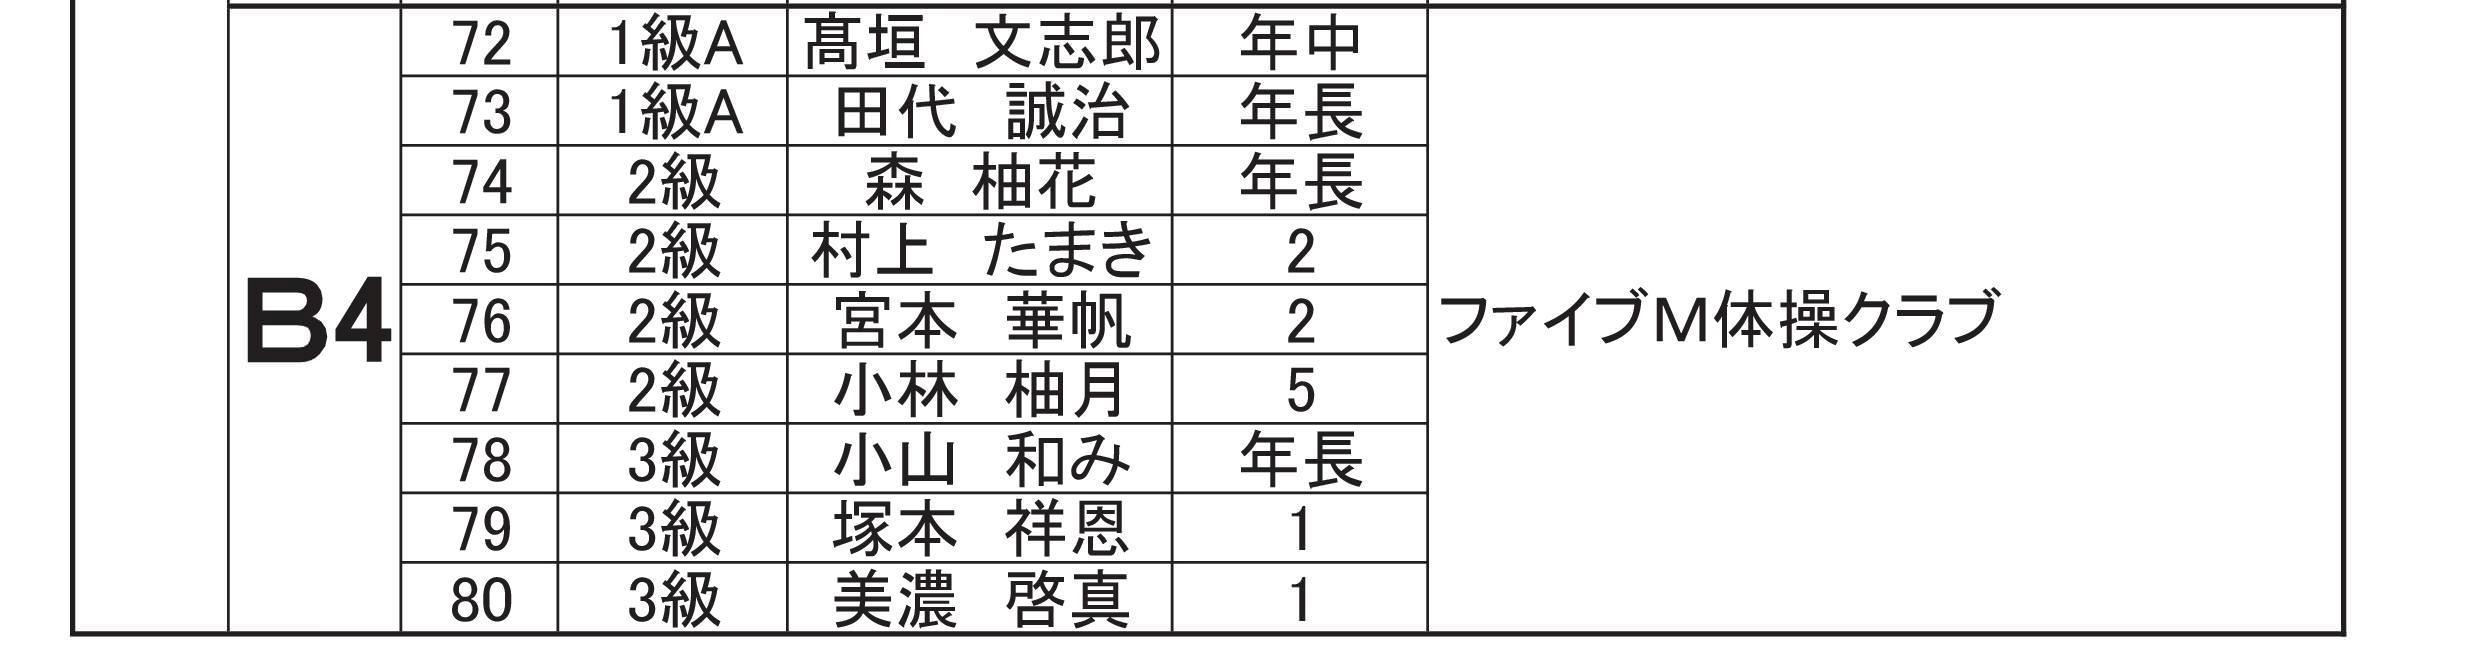 20151019gym03.jpg